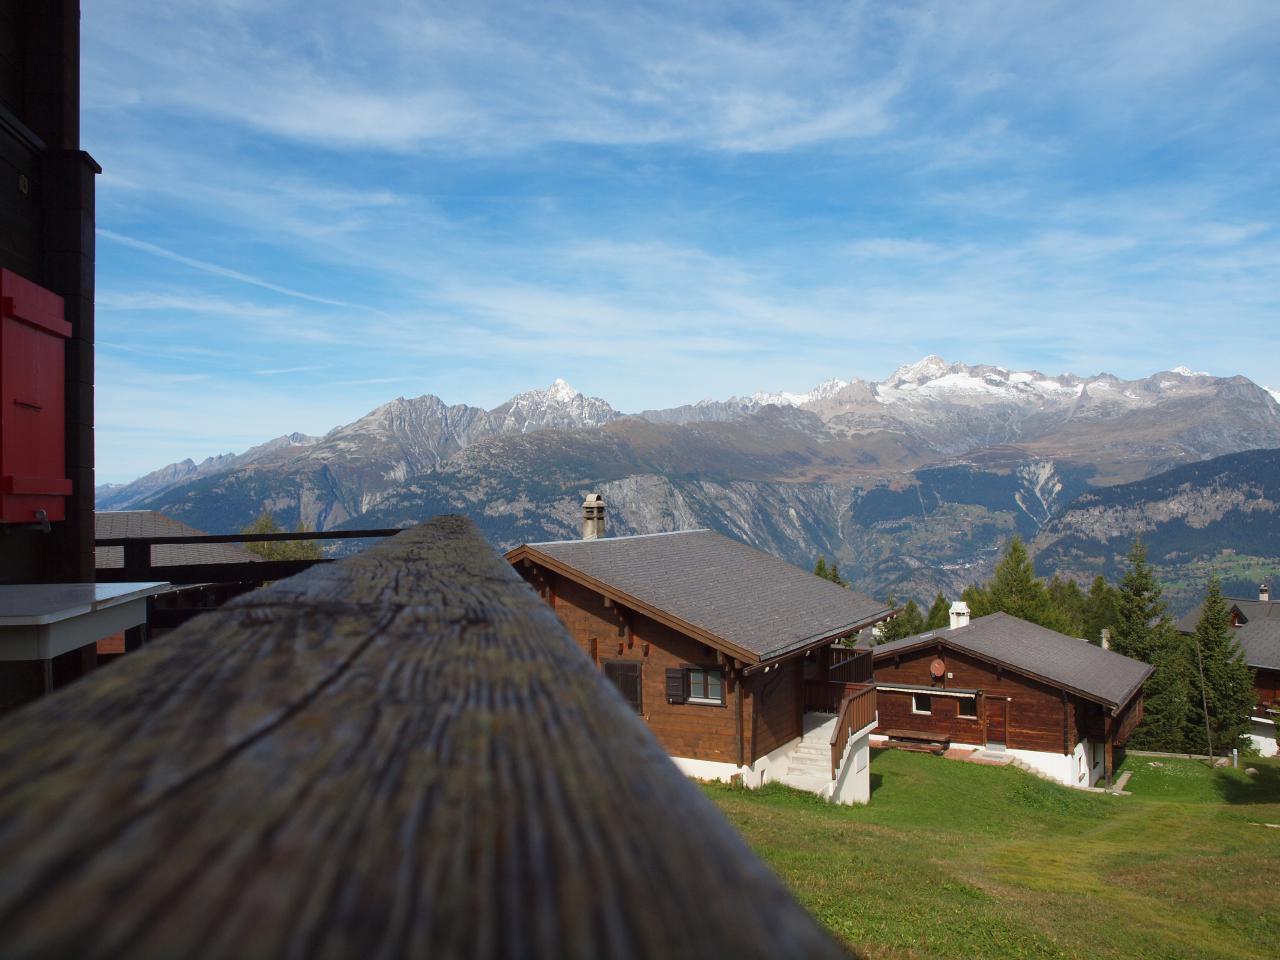 Ferienwohnung Urchiges Walliserchalet auf Rosswald | Alphütte OG (2171131), Rosswald, Brig - Simplon, Wallis, Schweiz, Bild 6